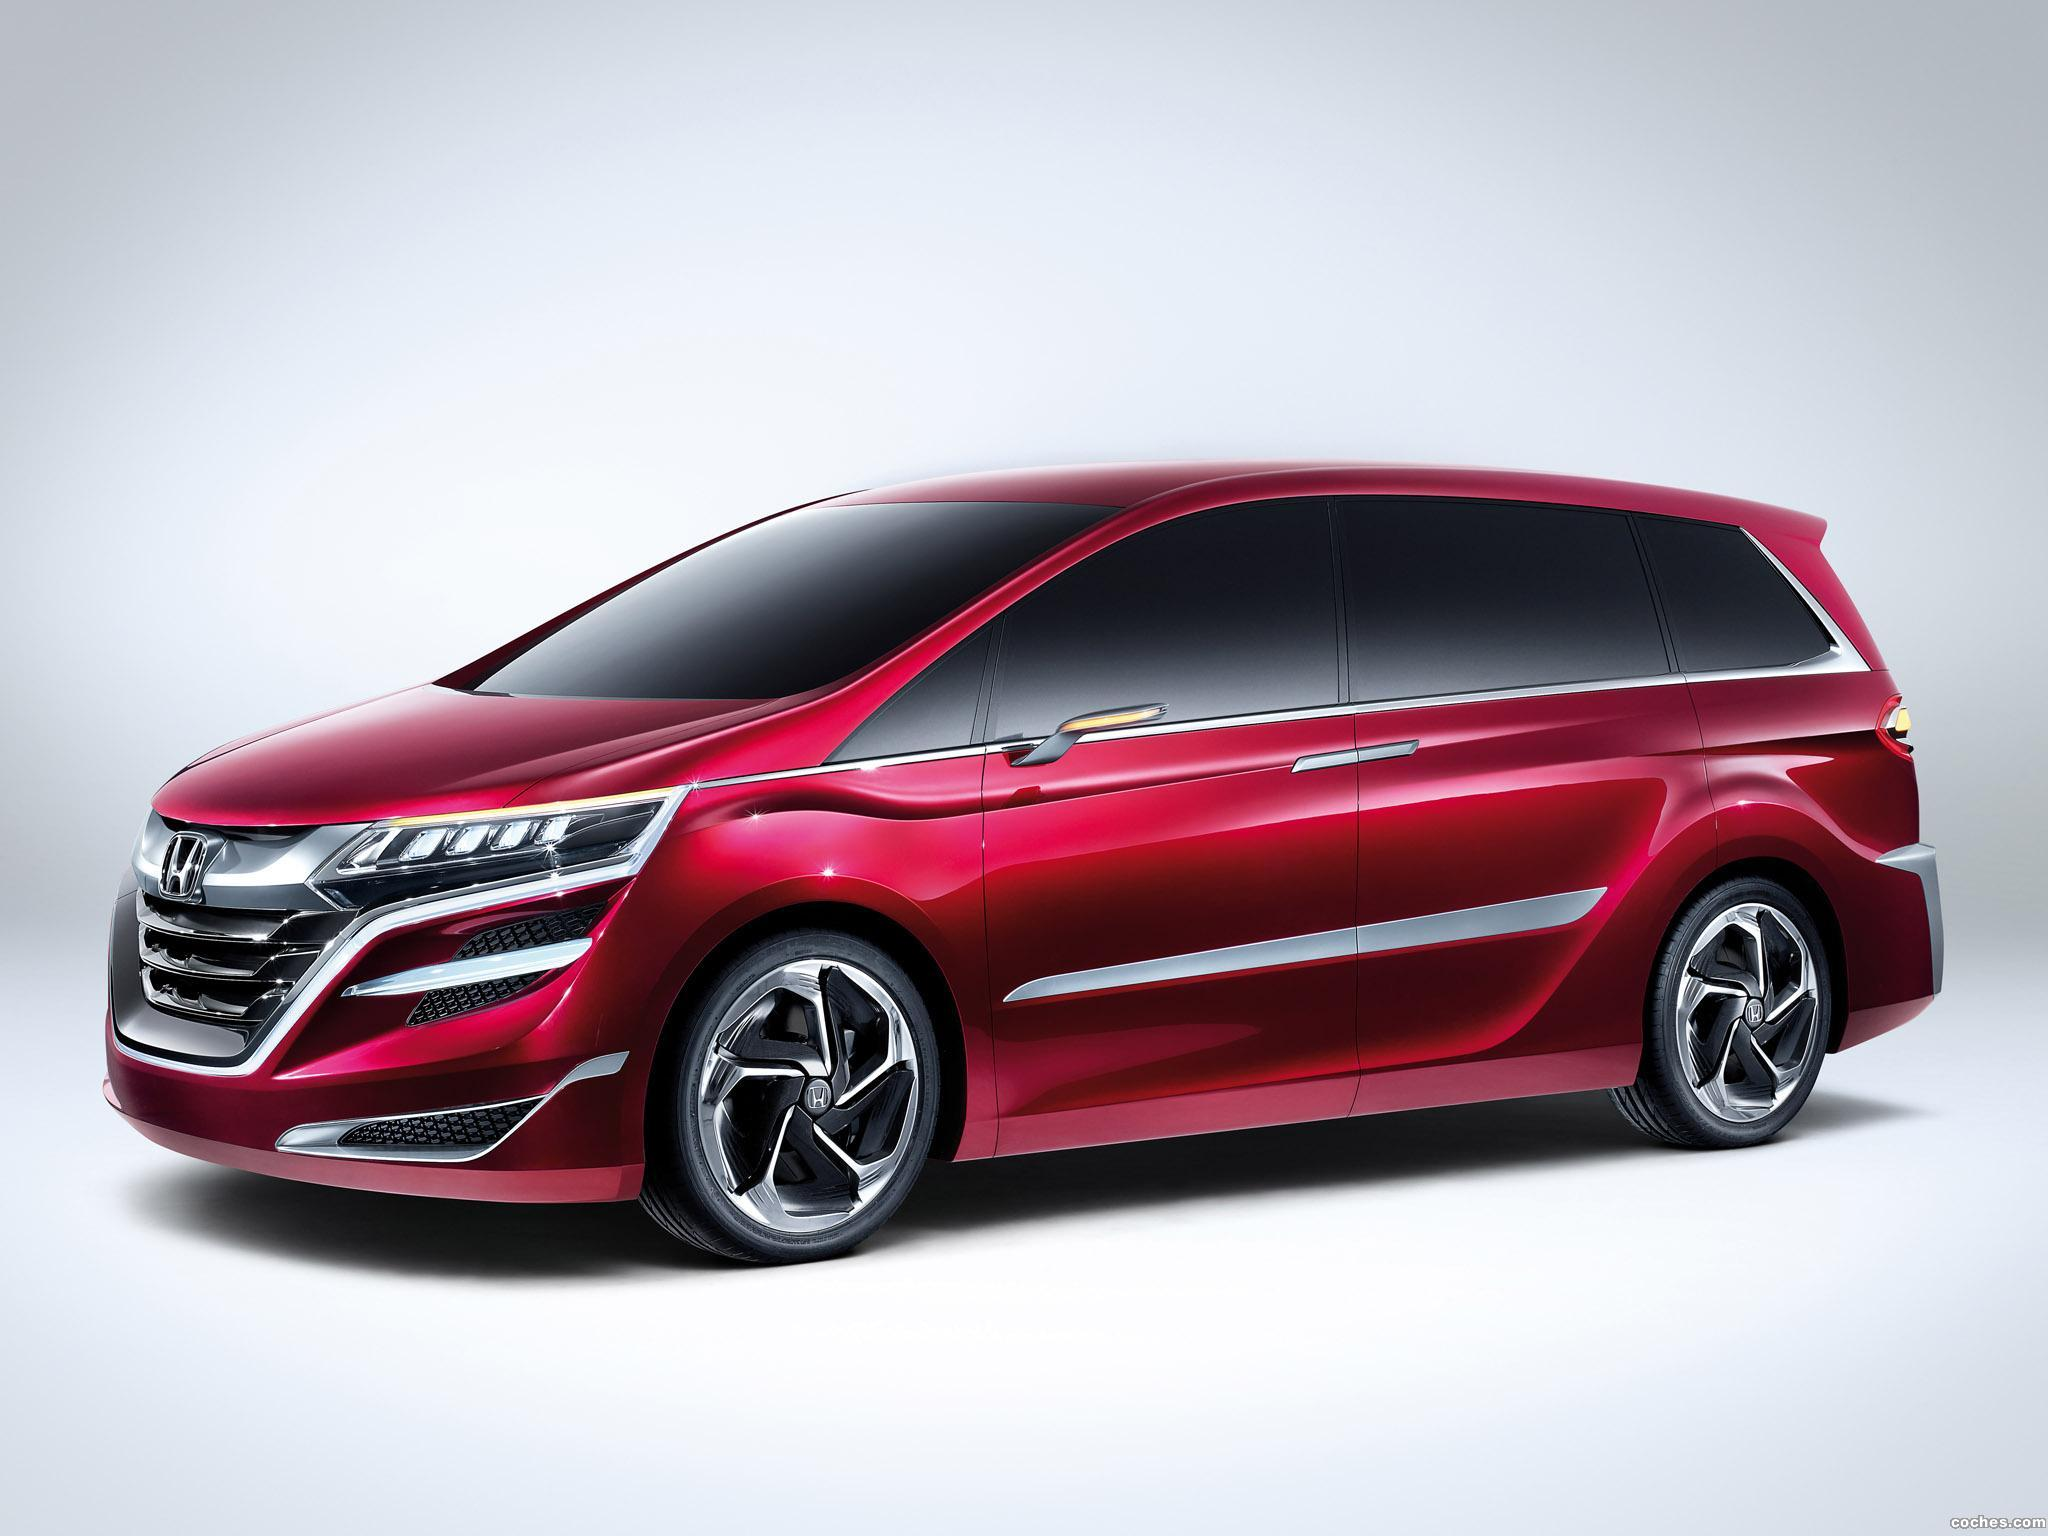 Foto 3 de Honda M Concept 2013